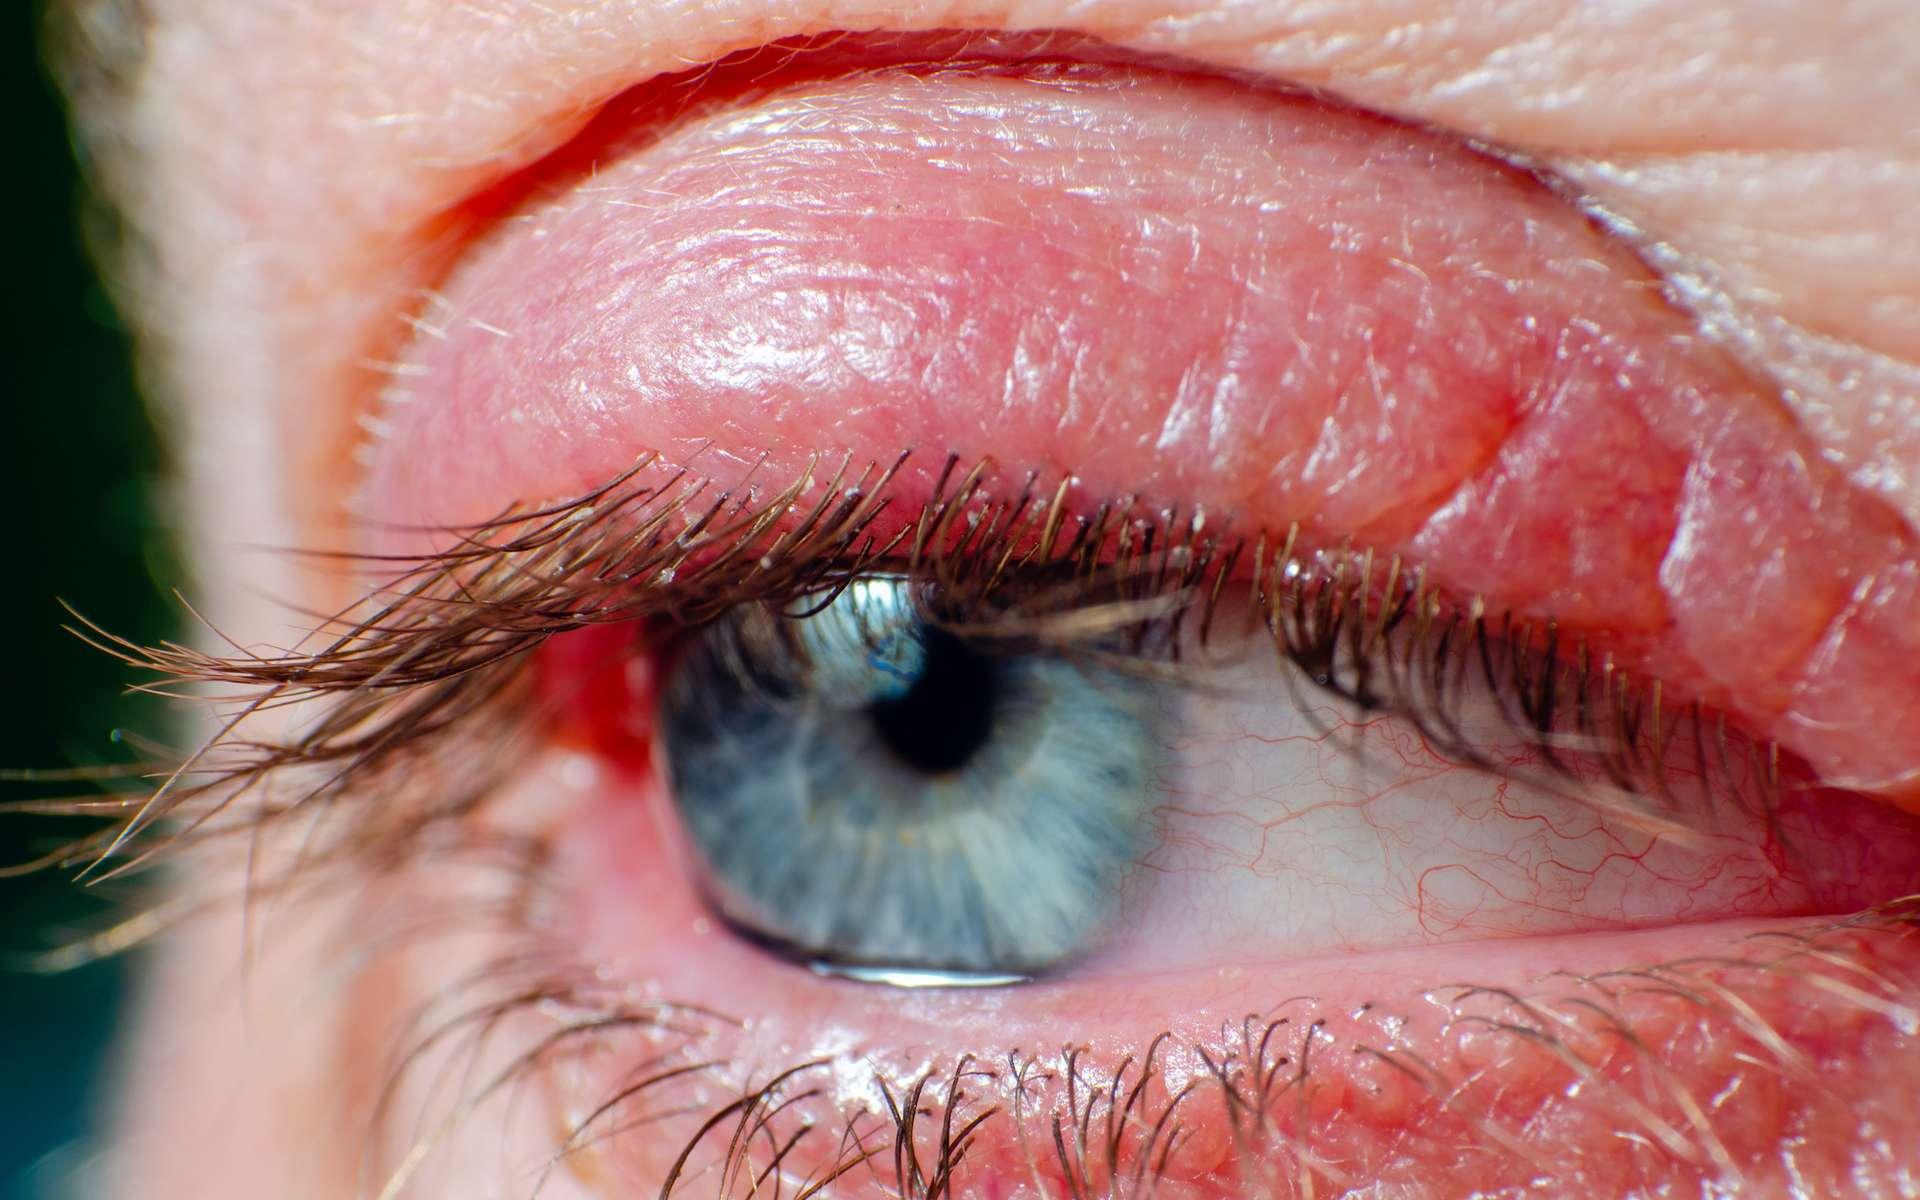 La blépharite est une inflammation de la paupière. © andrei310, Adobe Stock